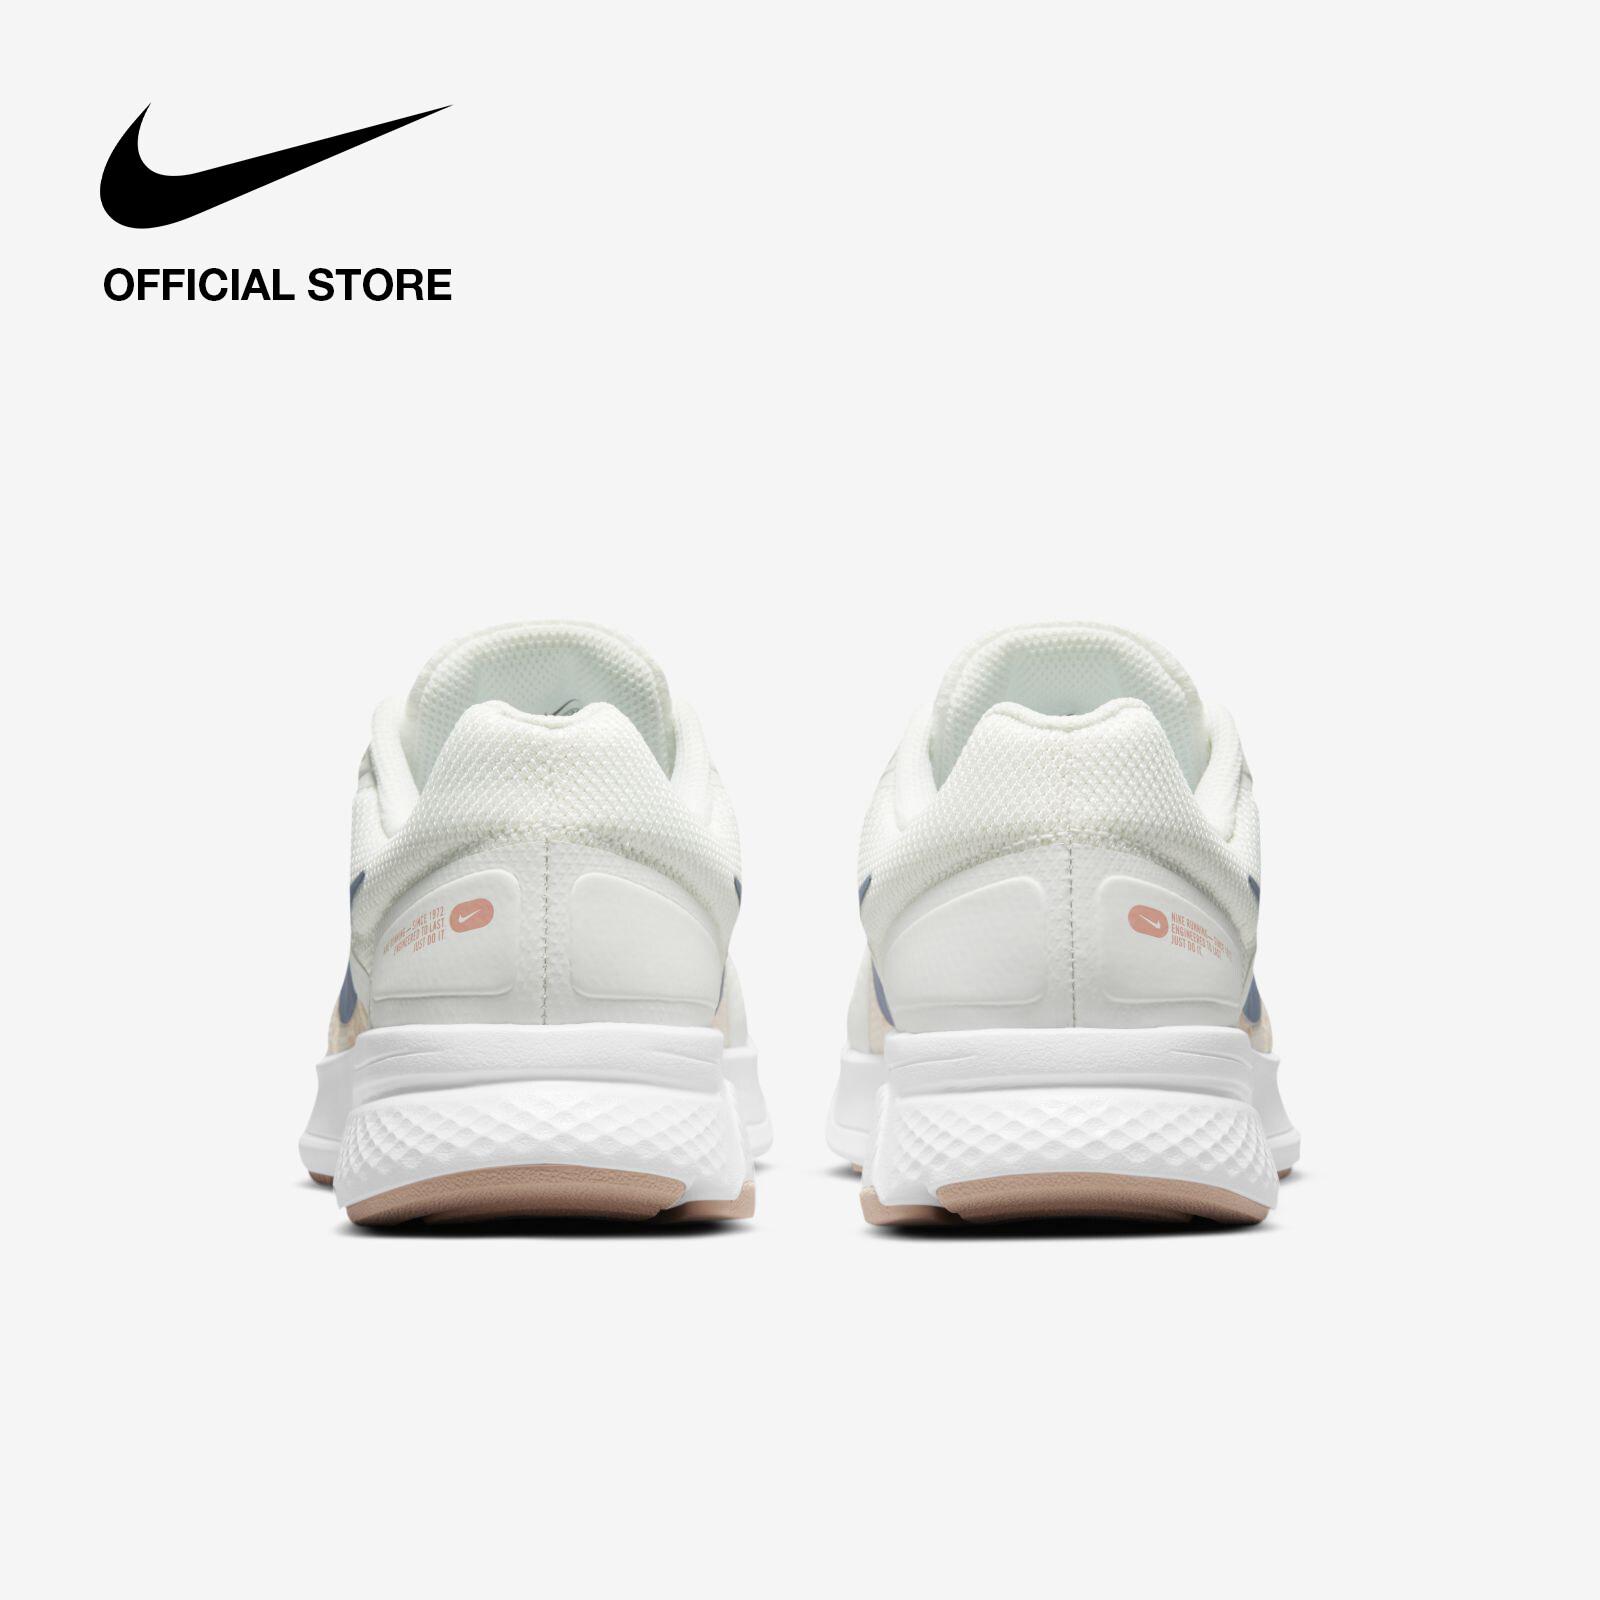 Nike Women's Run Swift 2 Running Shoes - White ไนกี้ รองเท้าวิ่งผู้หญิง รัน สวิฟท์ 2 - สีขาว